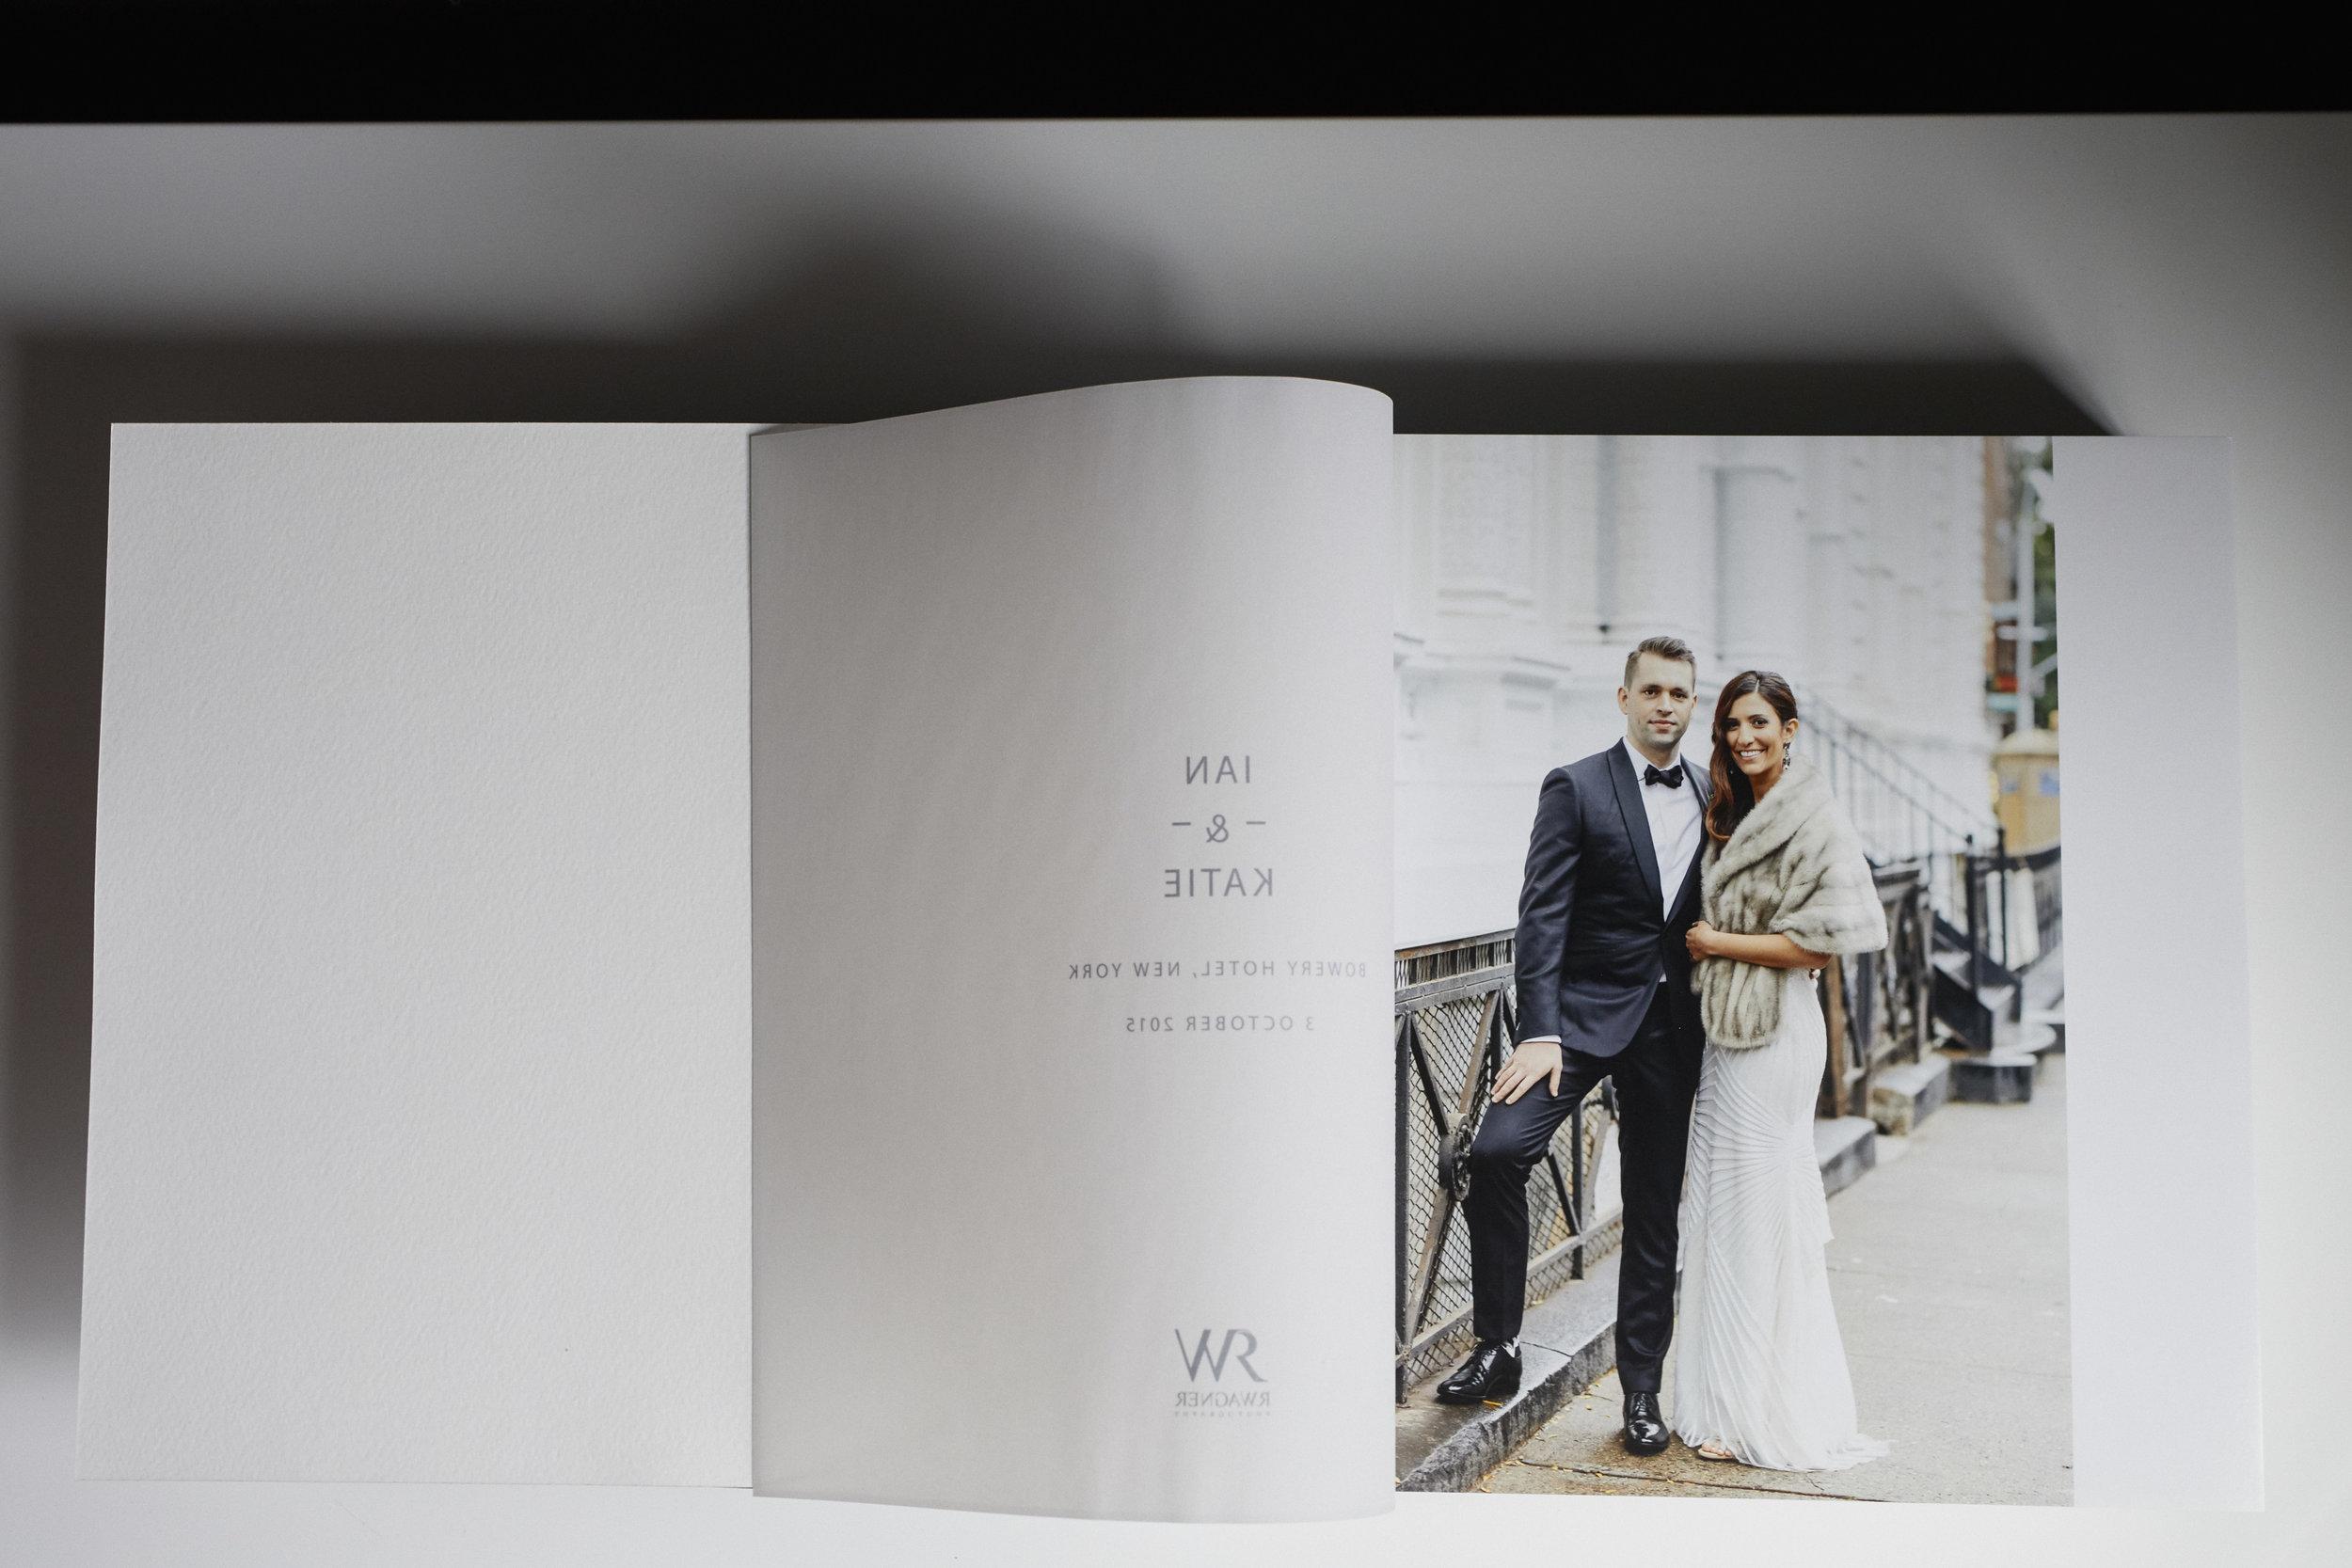 065_RWagner_Wedding_Queensberry_Album.jpg